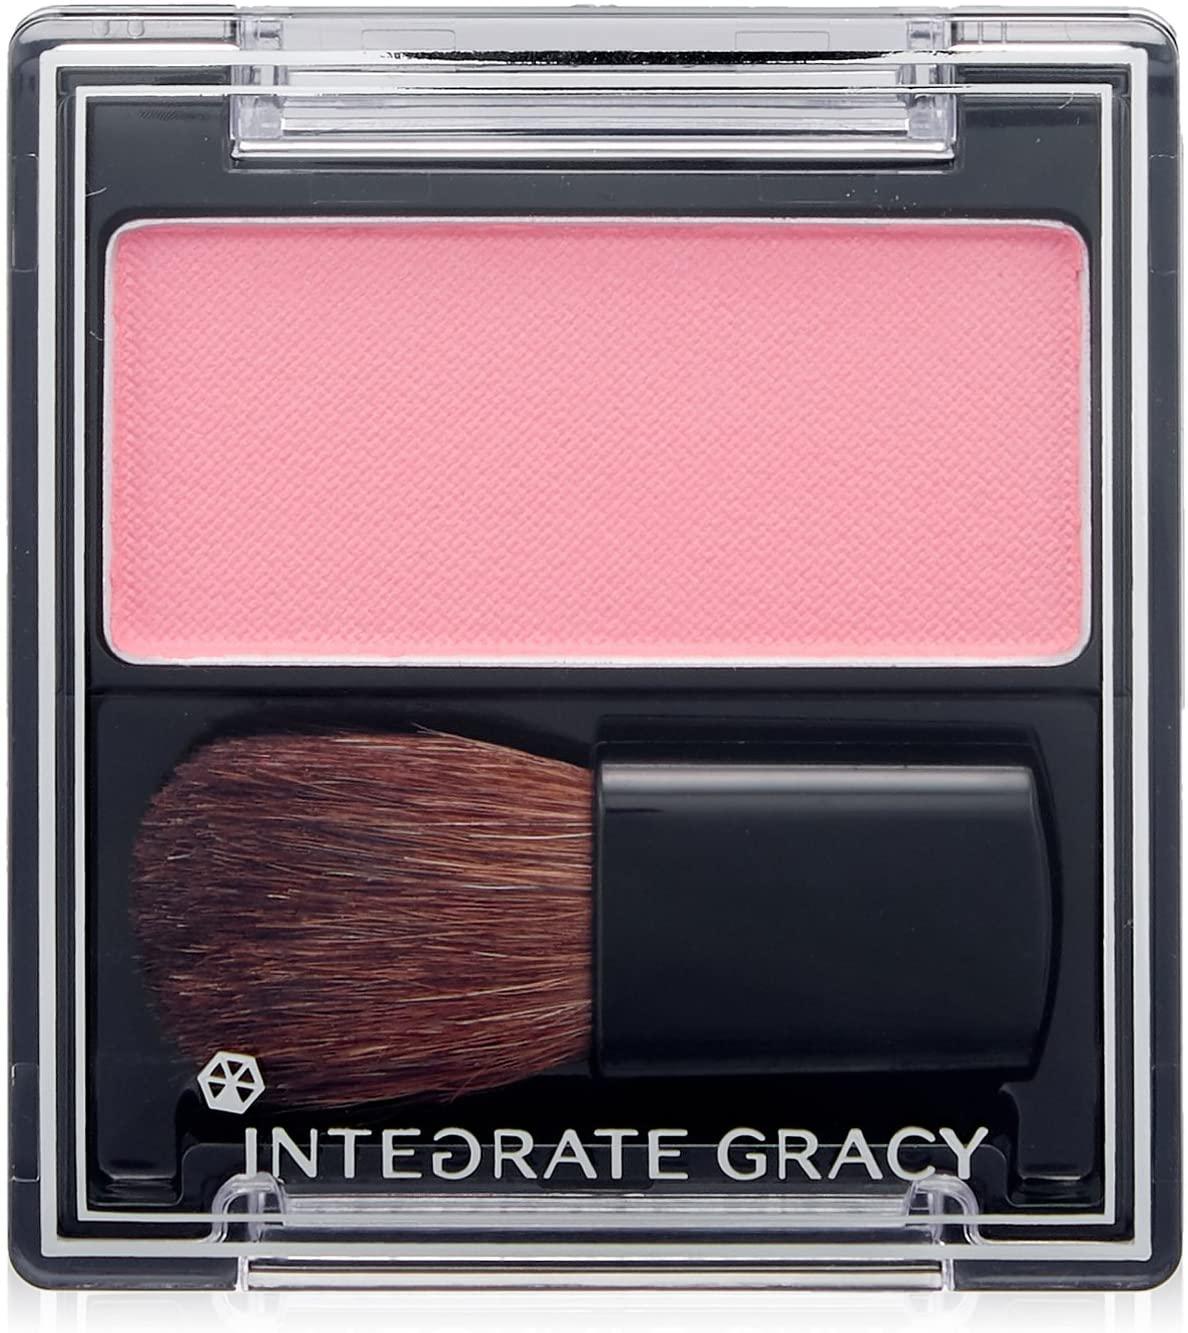 INTEGRATE GRACY(インテグレート グレイシィ)チークカラーの商品画像